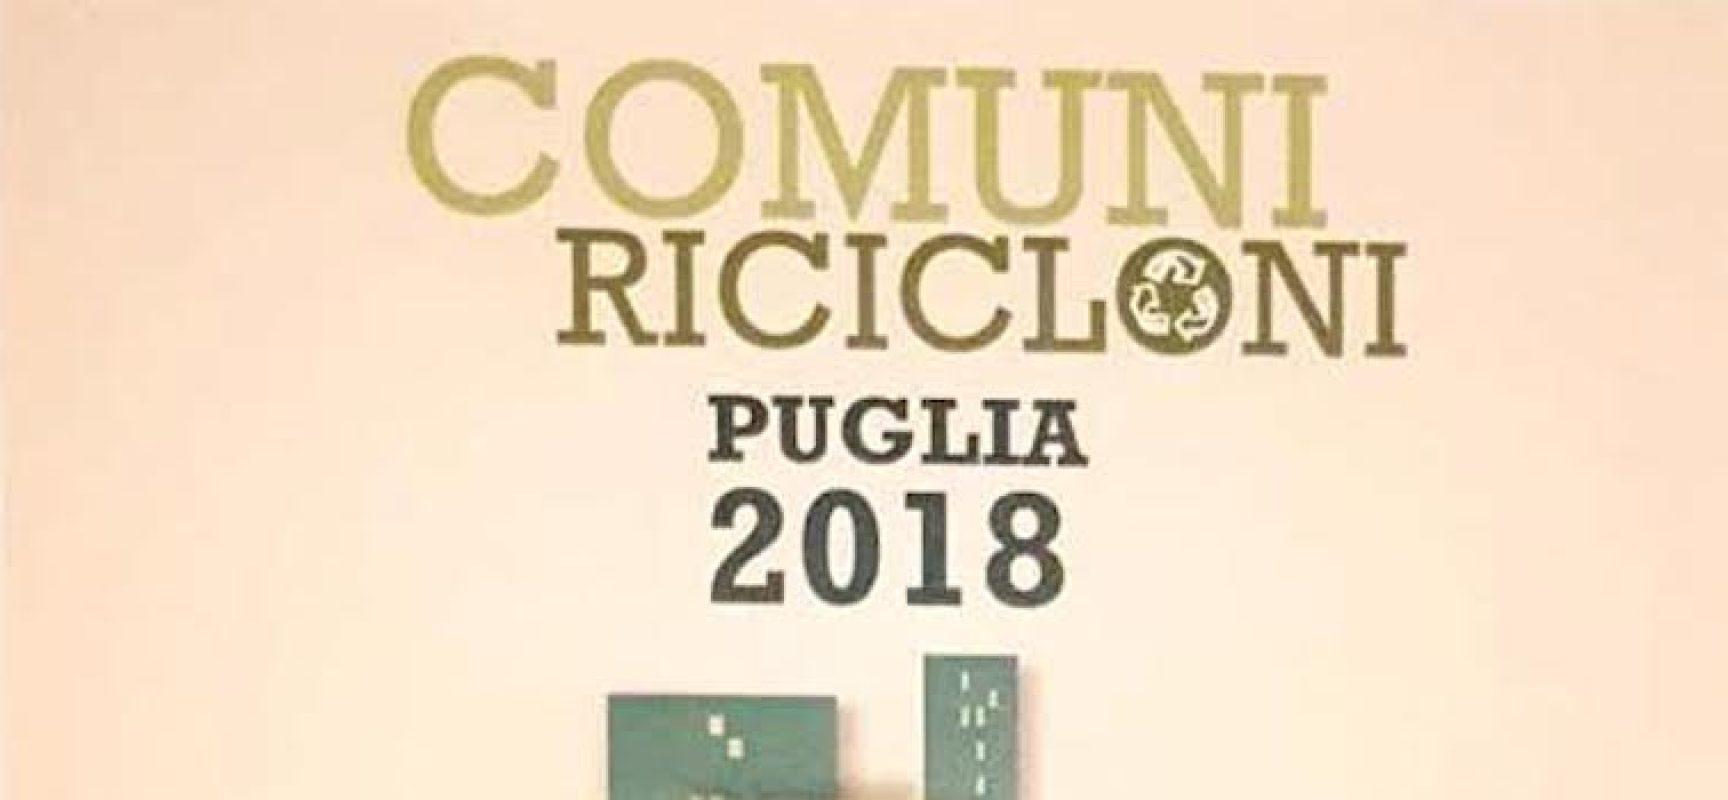 Comuni Ricicloni Puglia 2018, Bisceglie ottiene il premio di seconda categoria